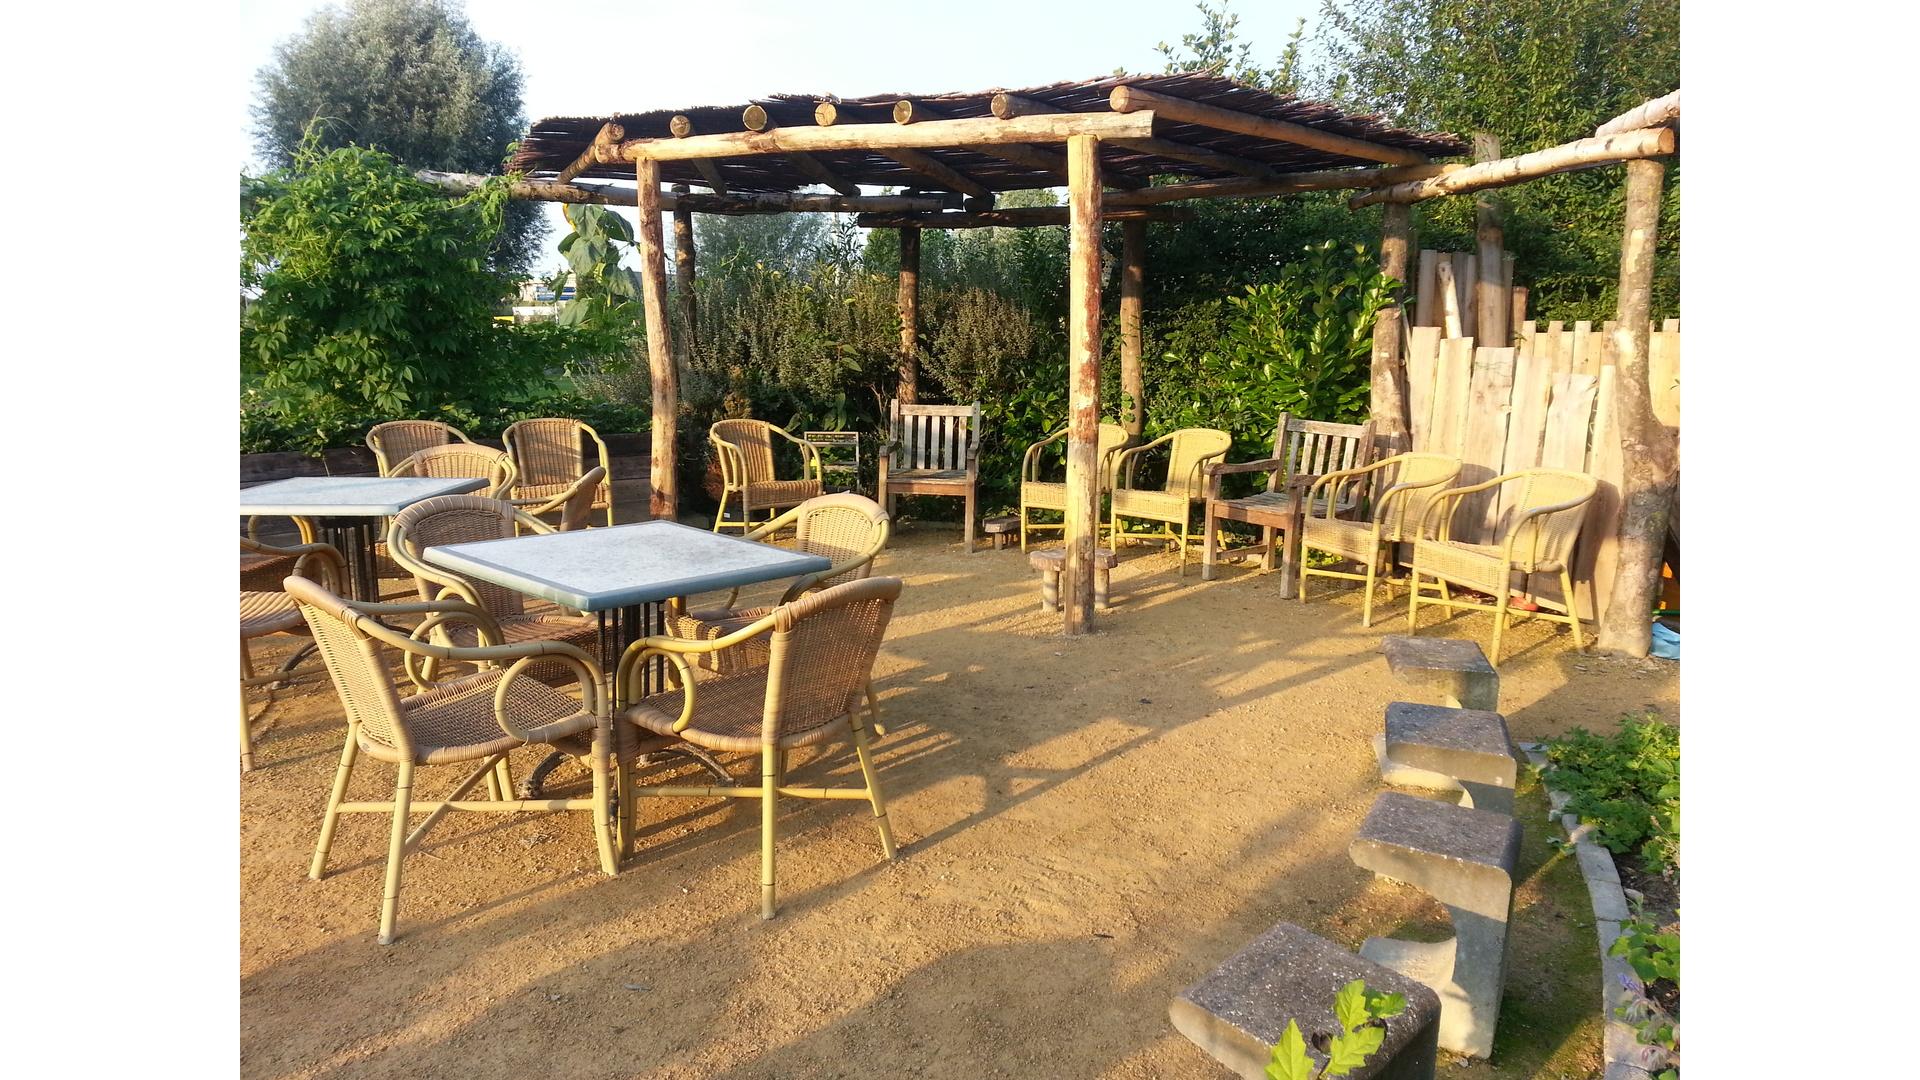 Eetbaar IJsselstein, Hooghe Camp tuin, tuinieren, natuur, IJsselstein